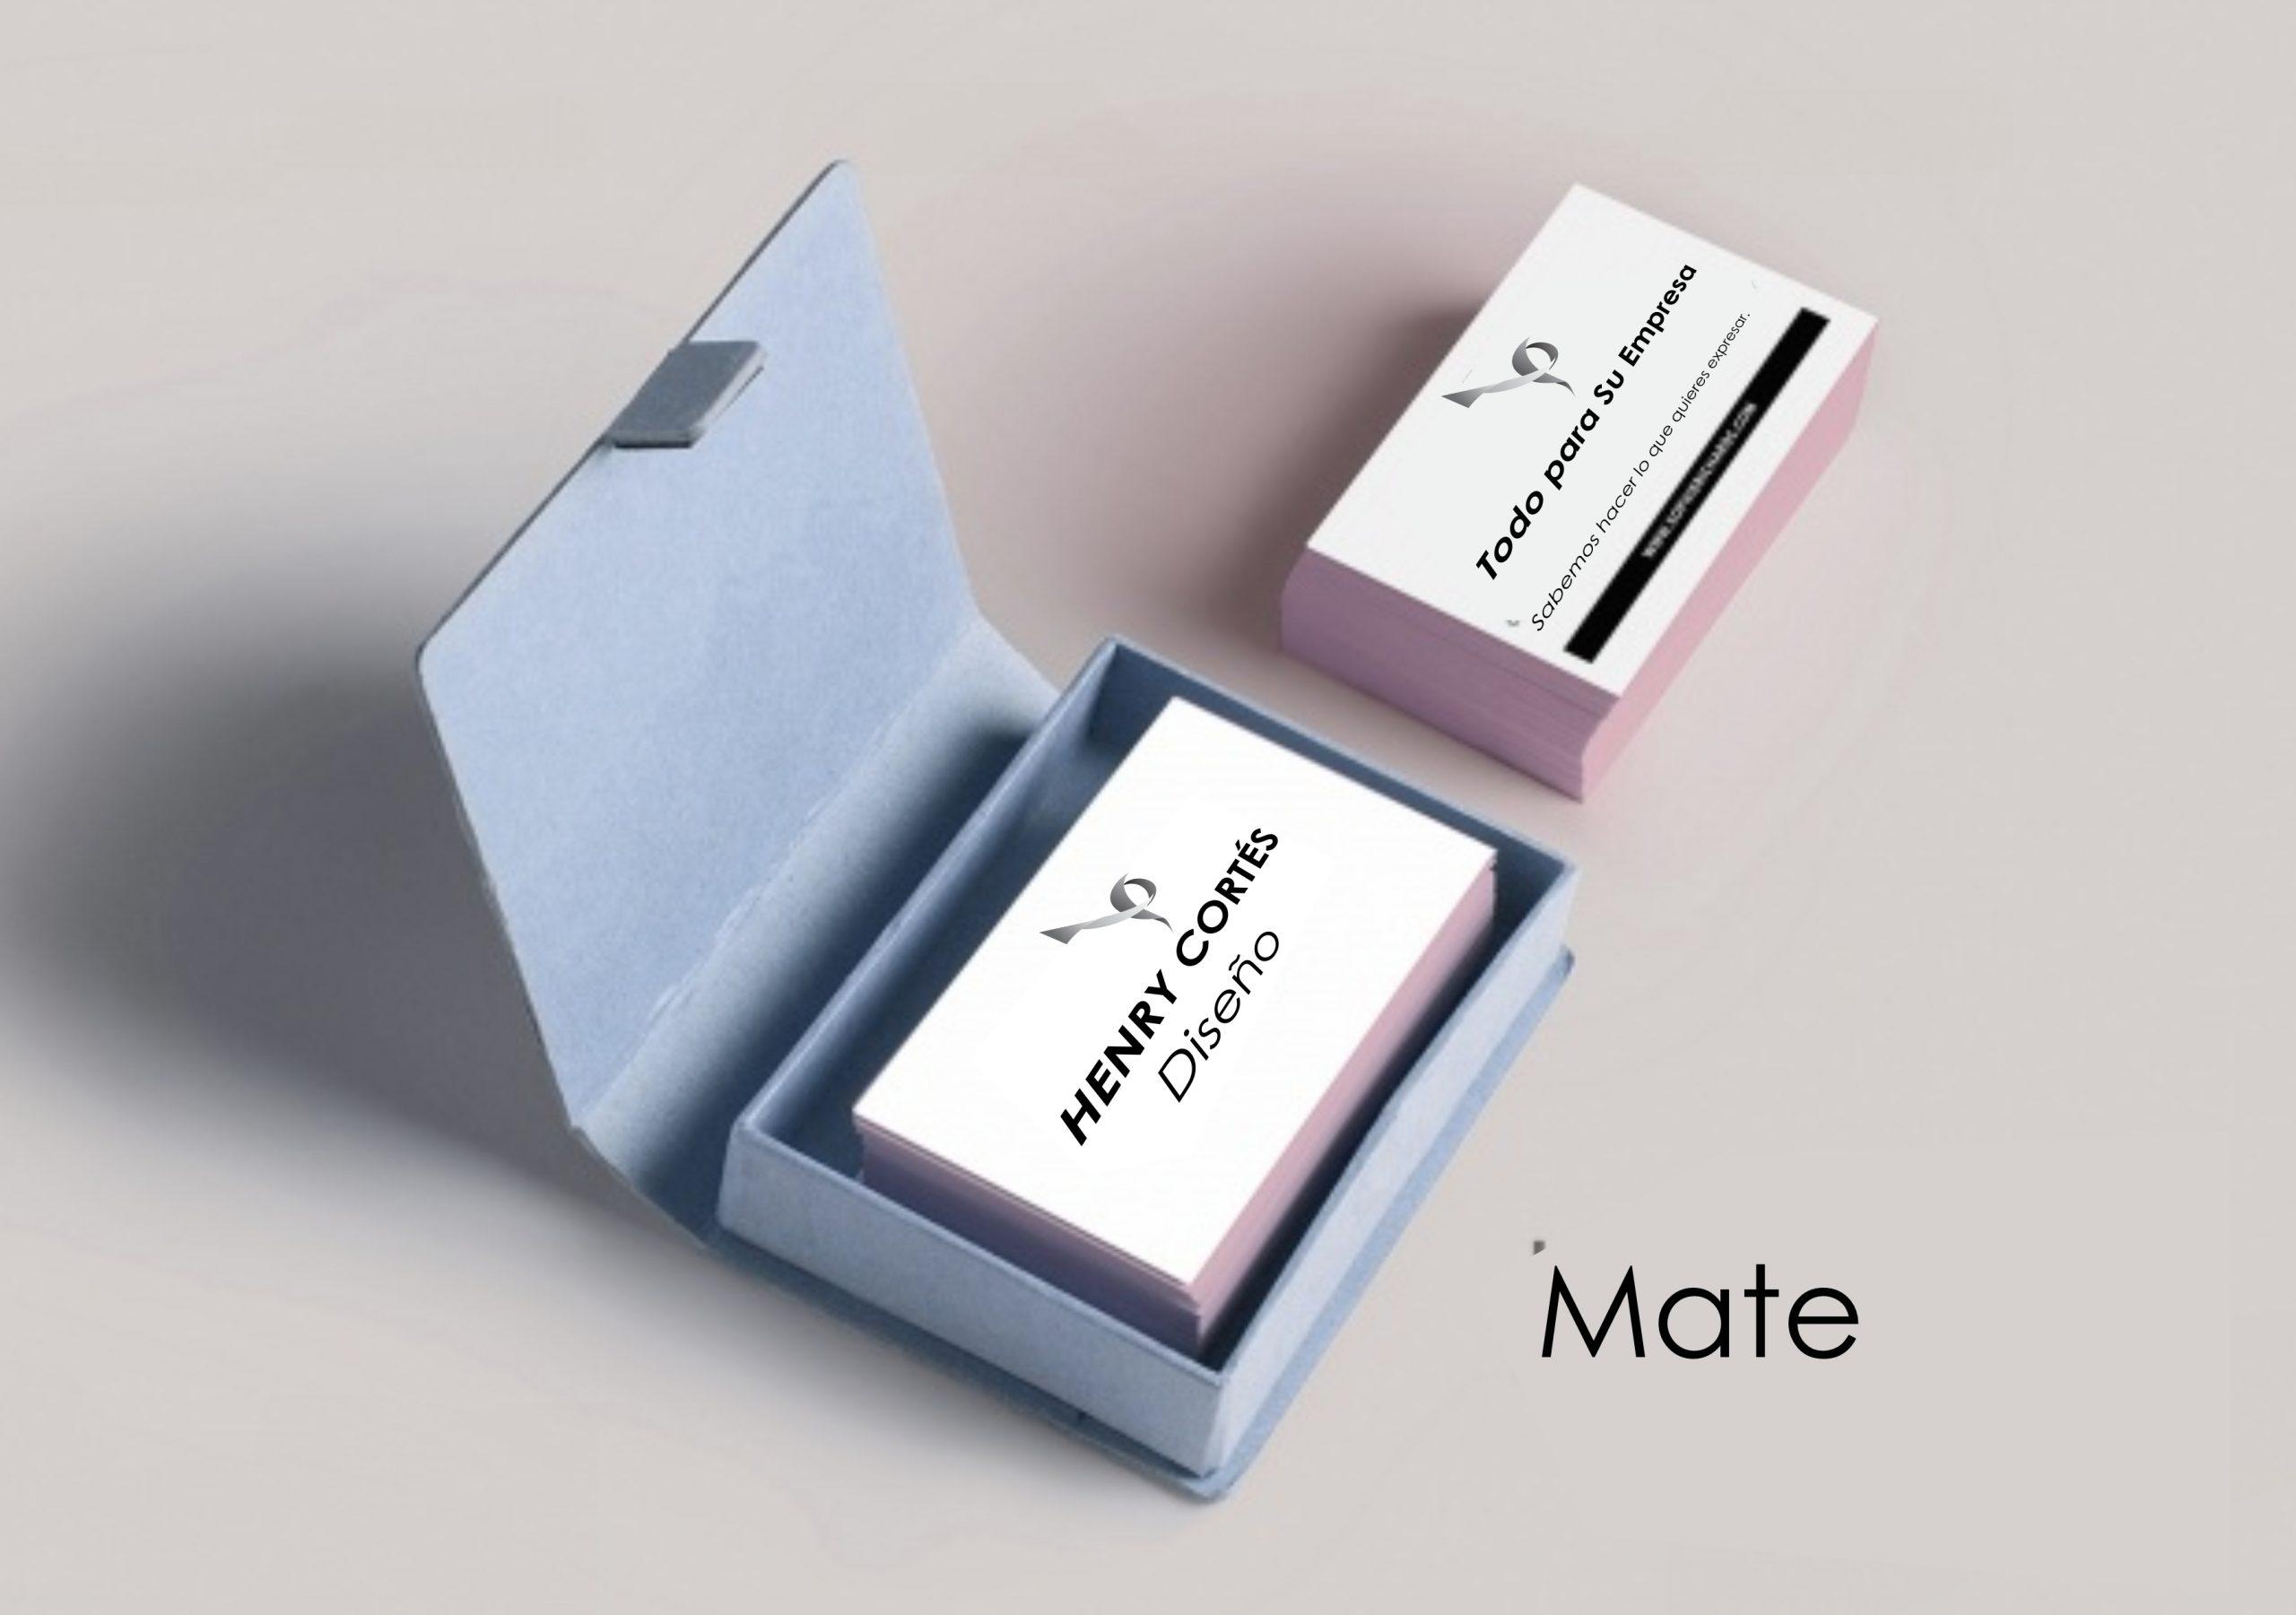 Tarjeta Mate